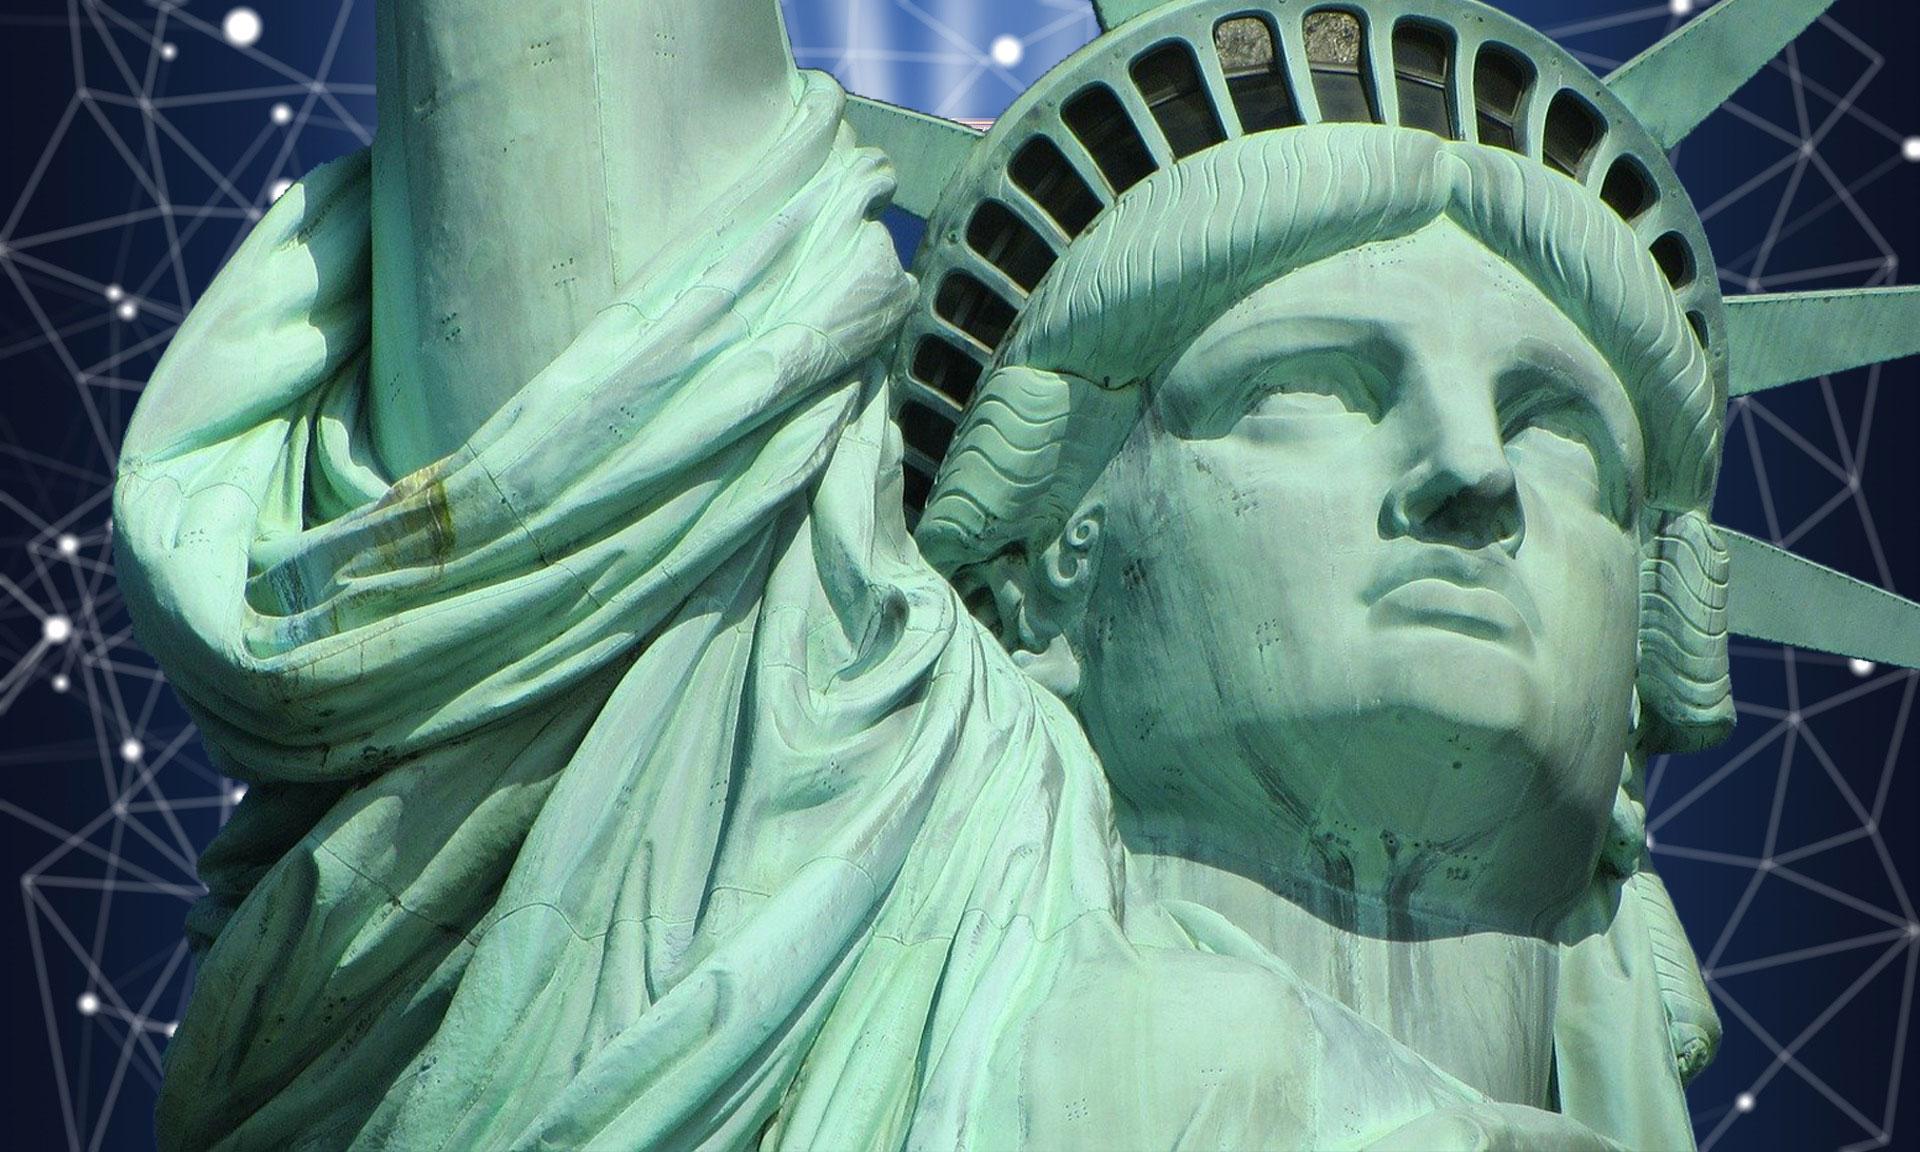 ニューヨークにて独自デジタル通貨を提案!アメリカ初となるか!?